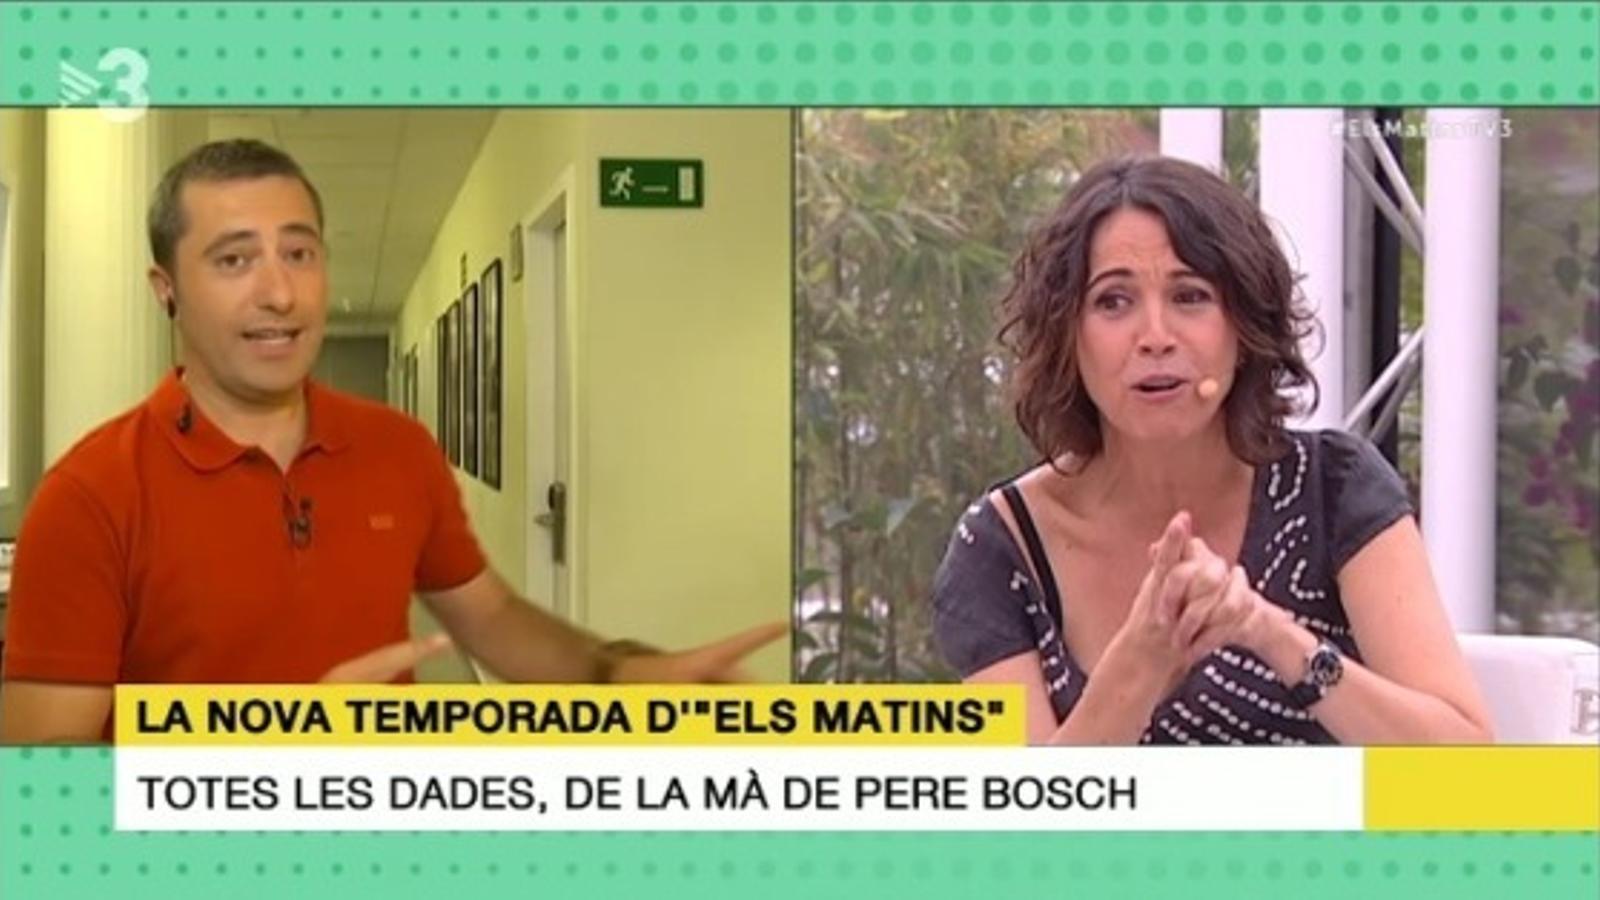 Lídia Heredia i Pere Bosch expliquen com serà el nou format d''Els matins'